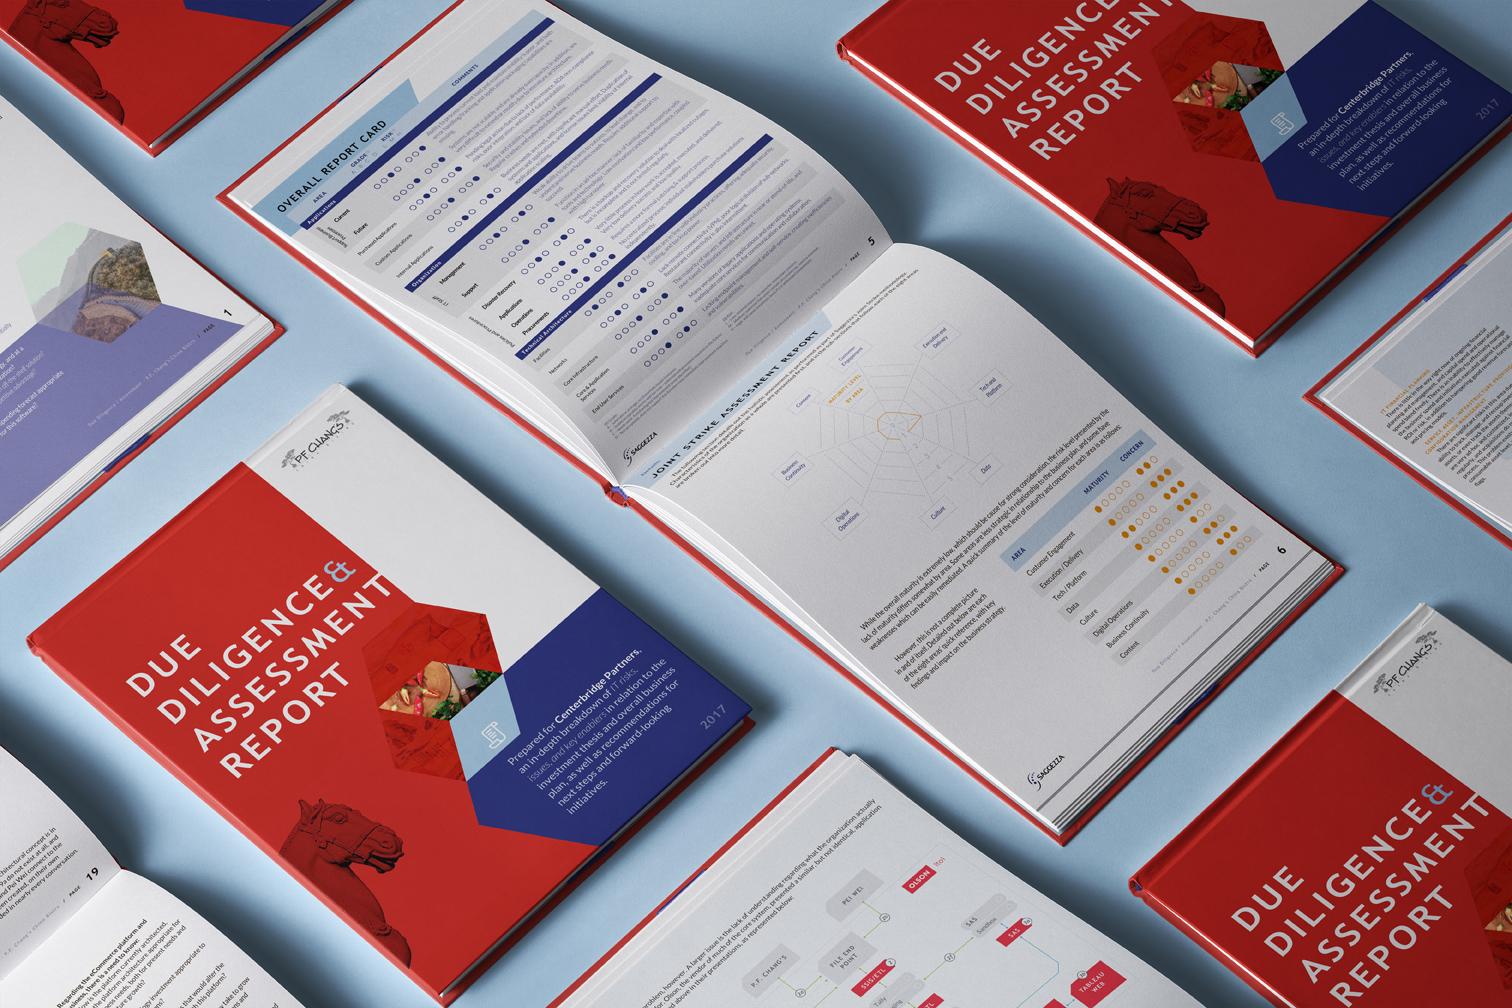 Очень информативный годовой отчет с кучей инфографики.